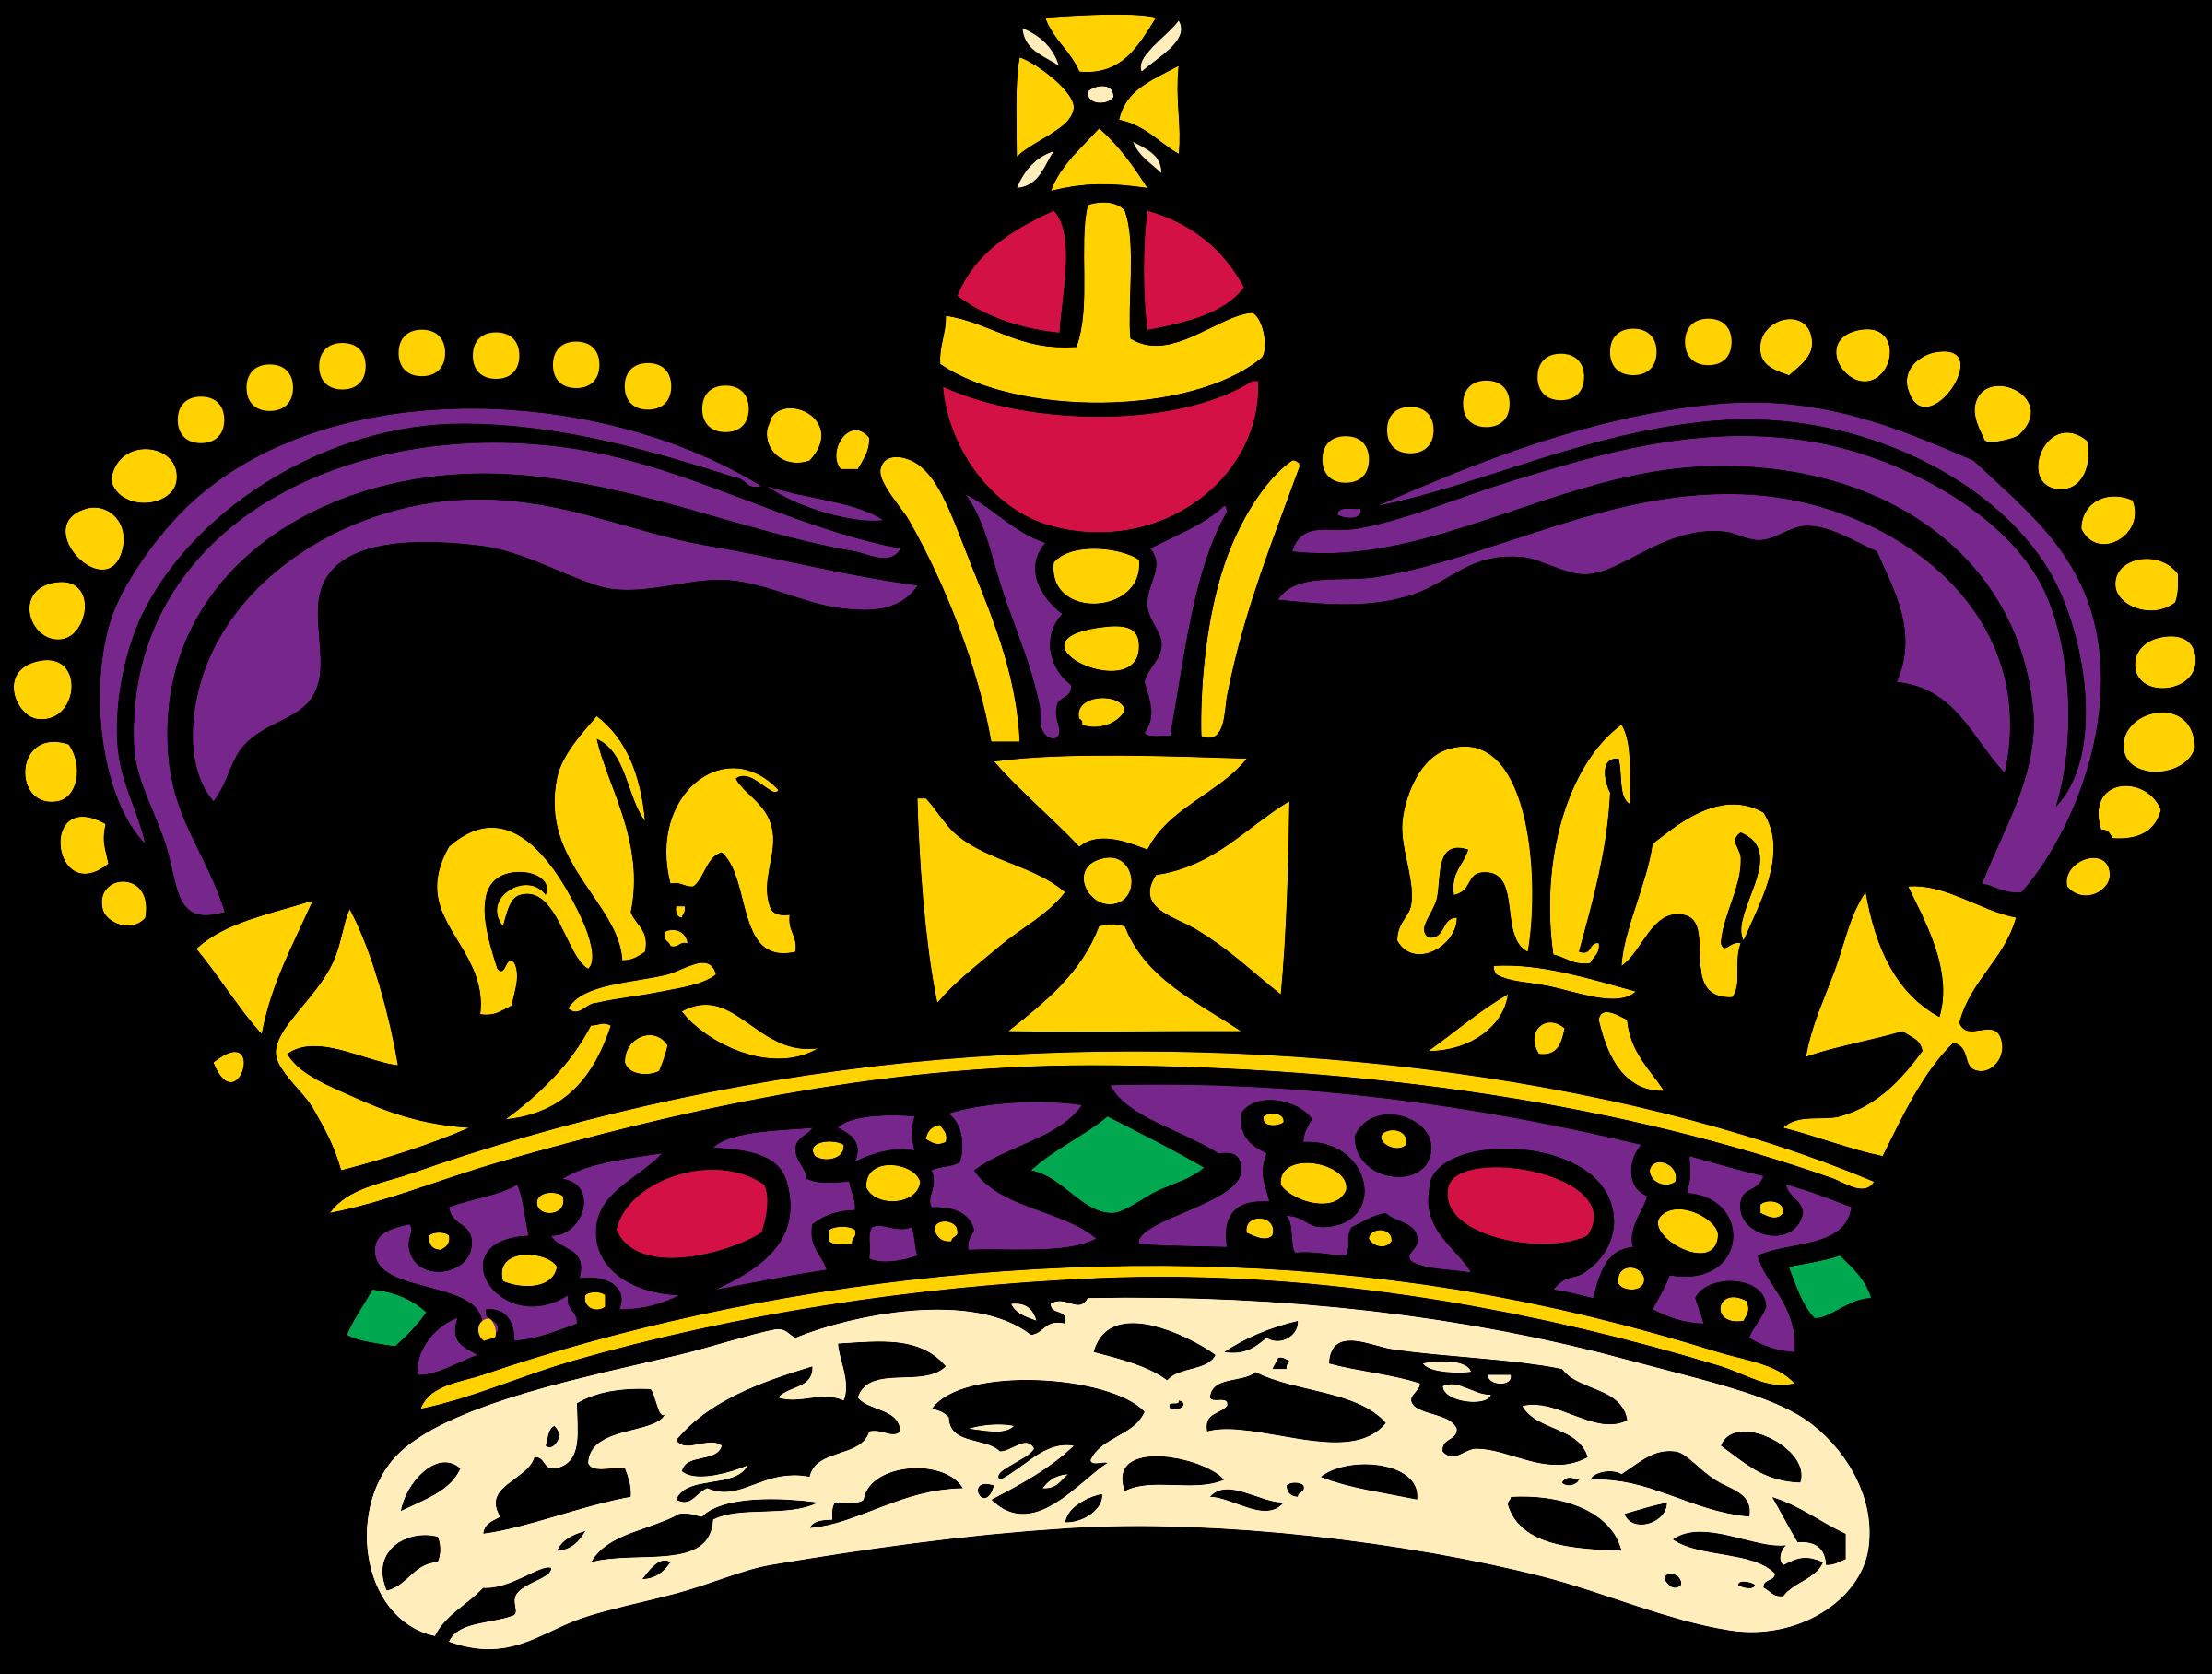 . Clipart crown purple